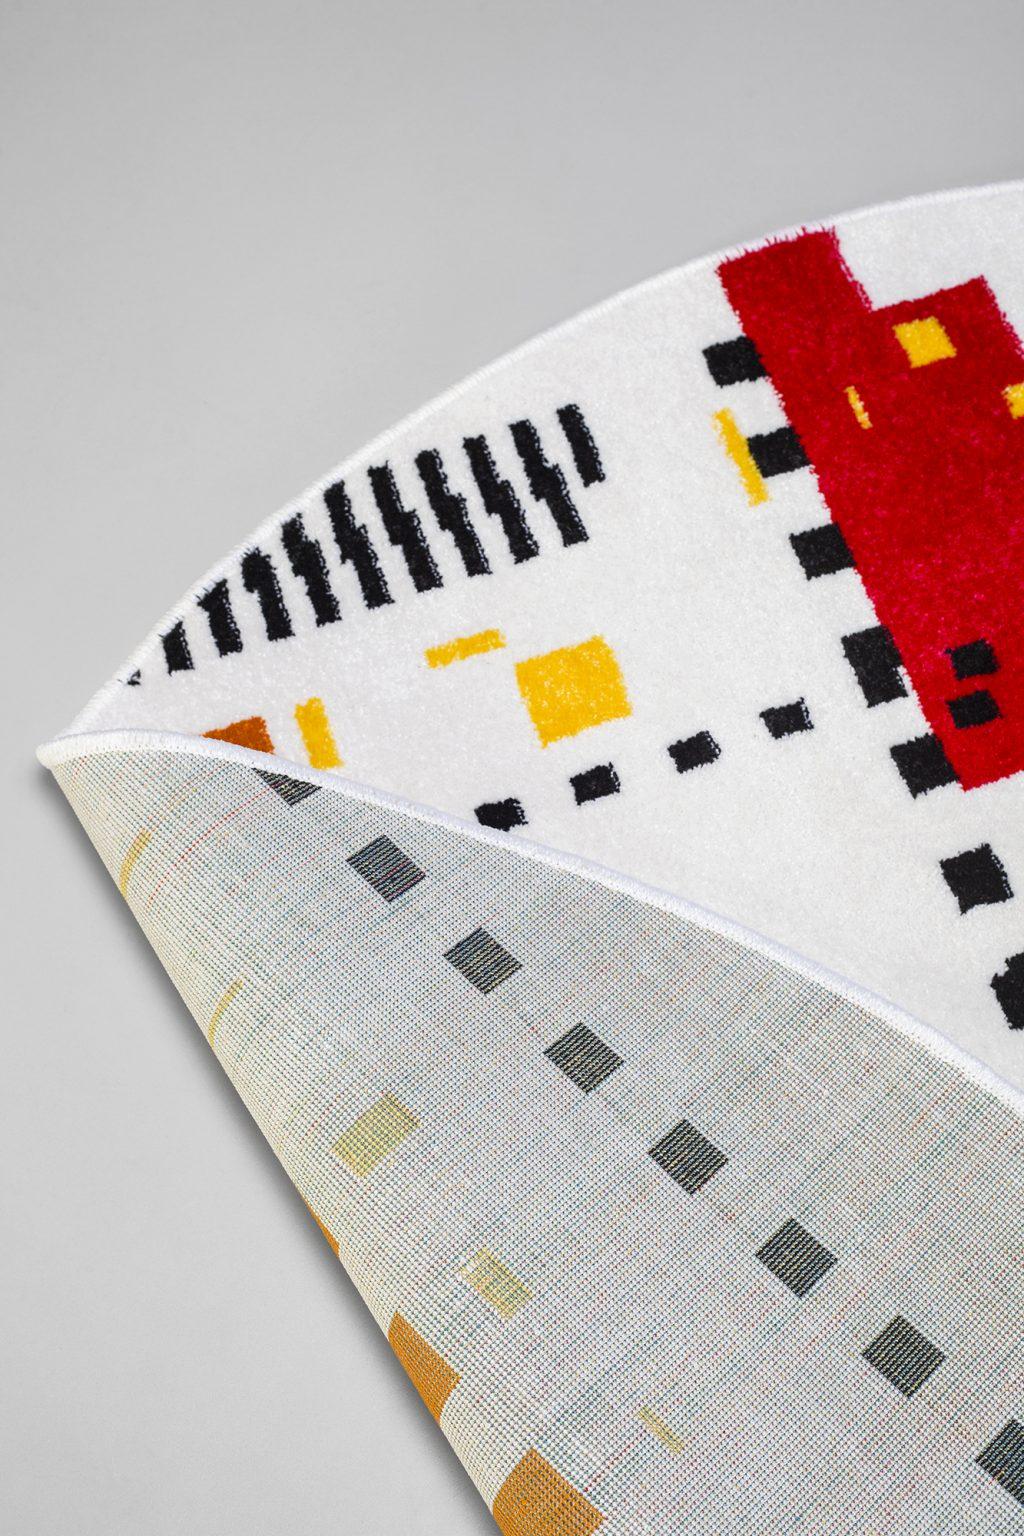 levantin design carpet collection run 2021 Urban carpet